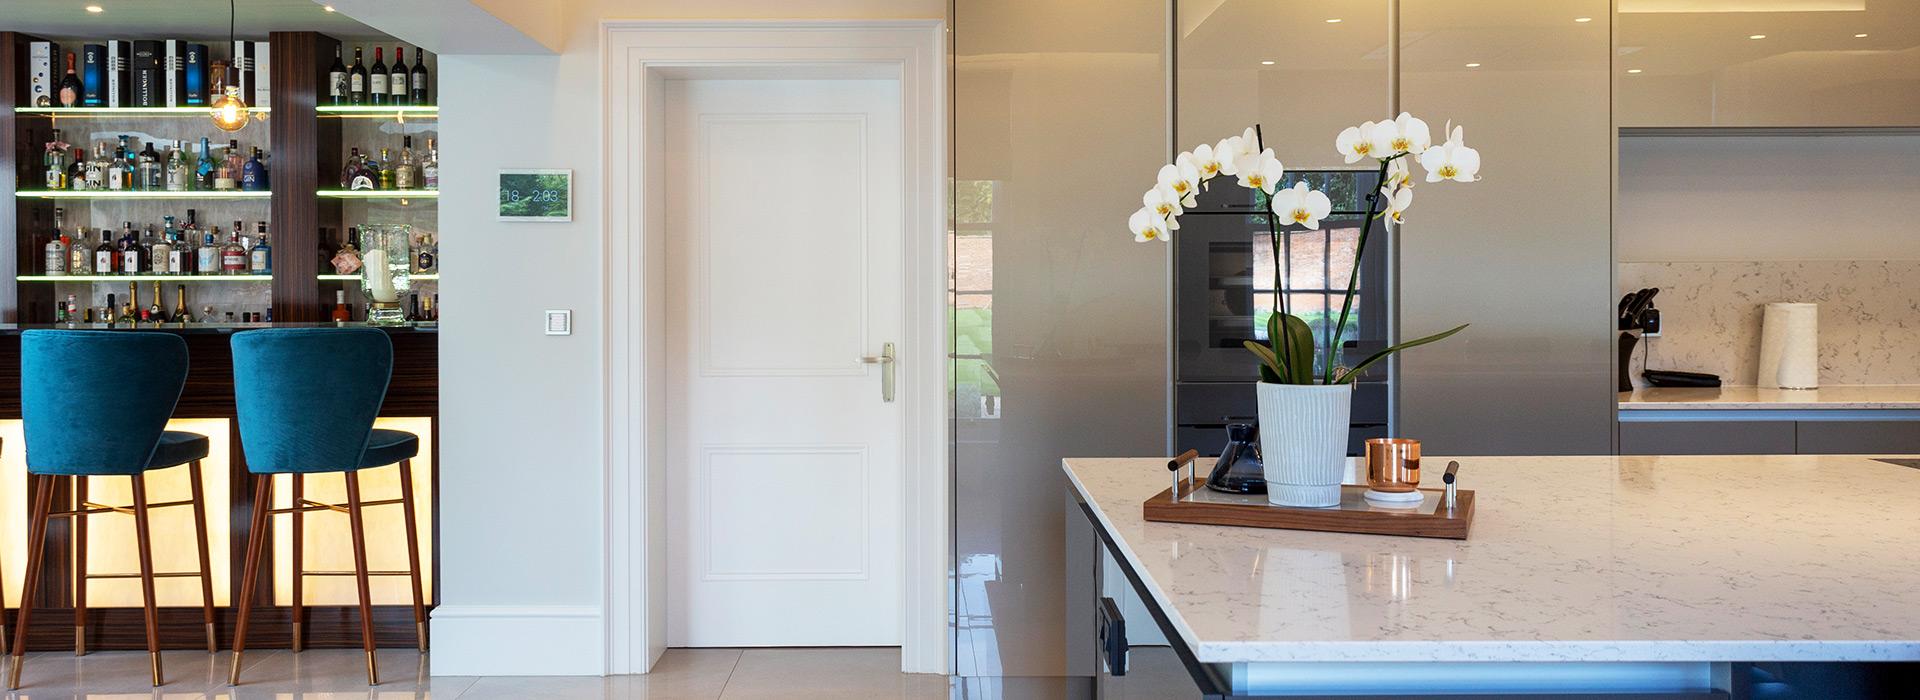 Home bar panelled door